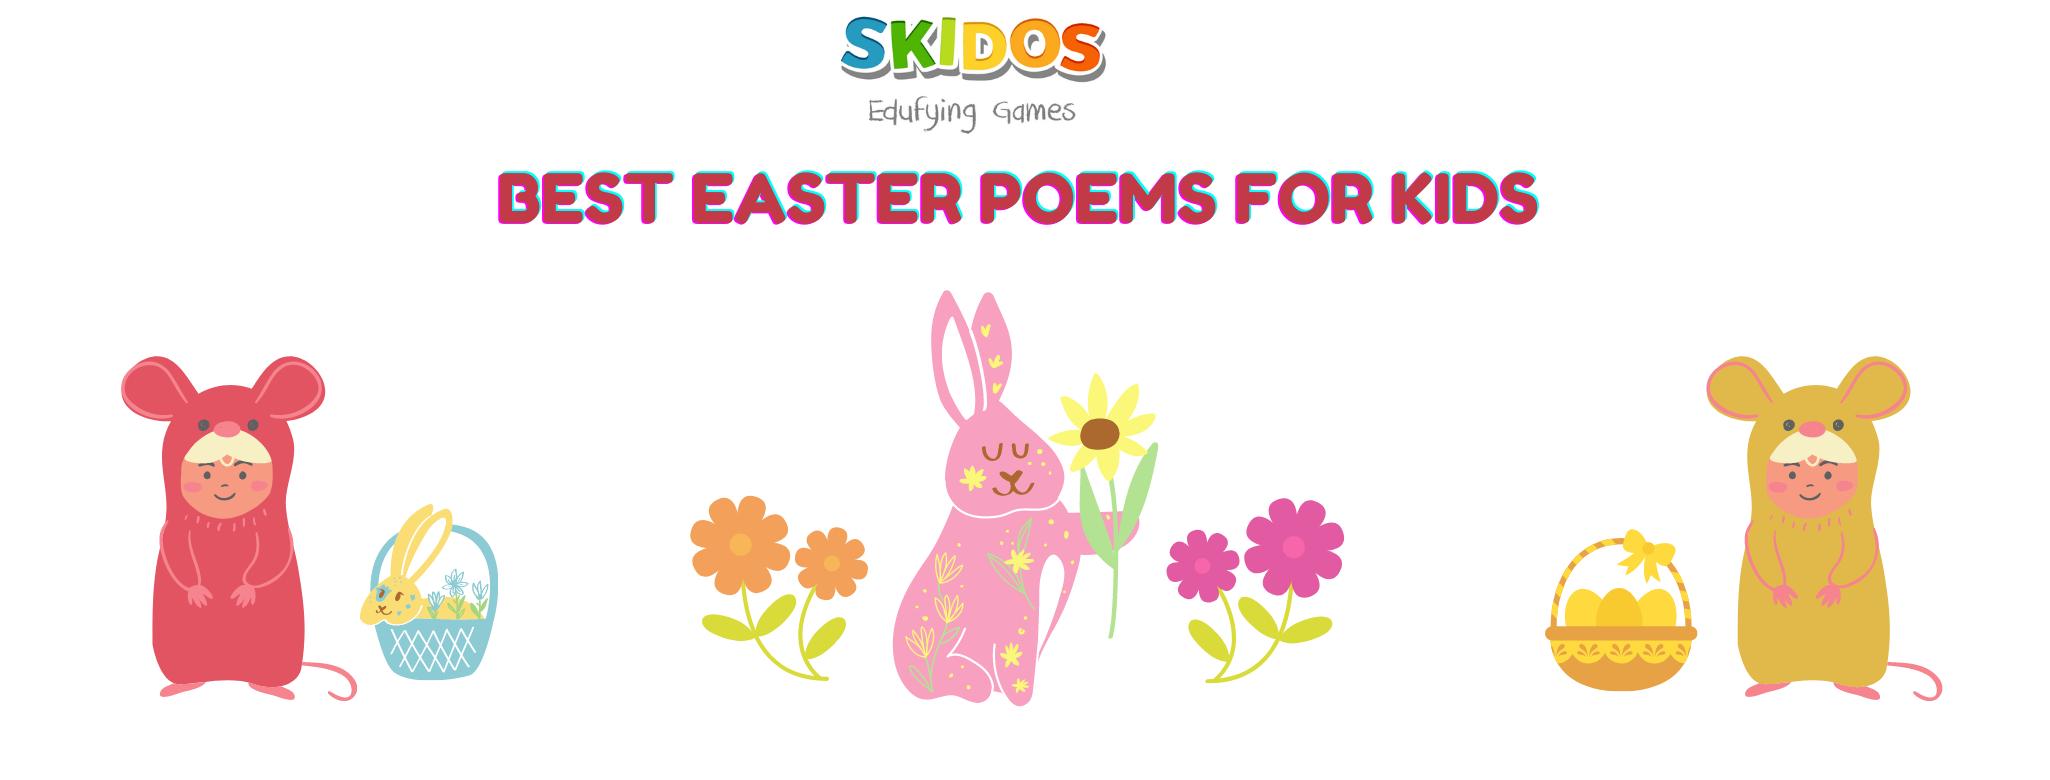 38+ Best Short Easter Poems for Kids, Children, Students 2021